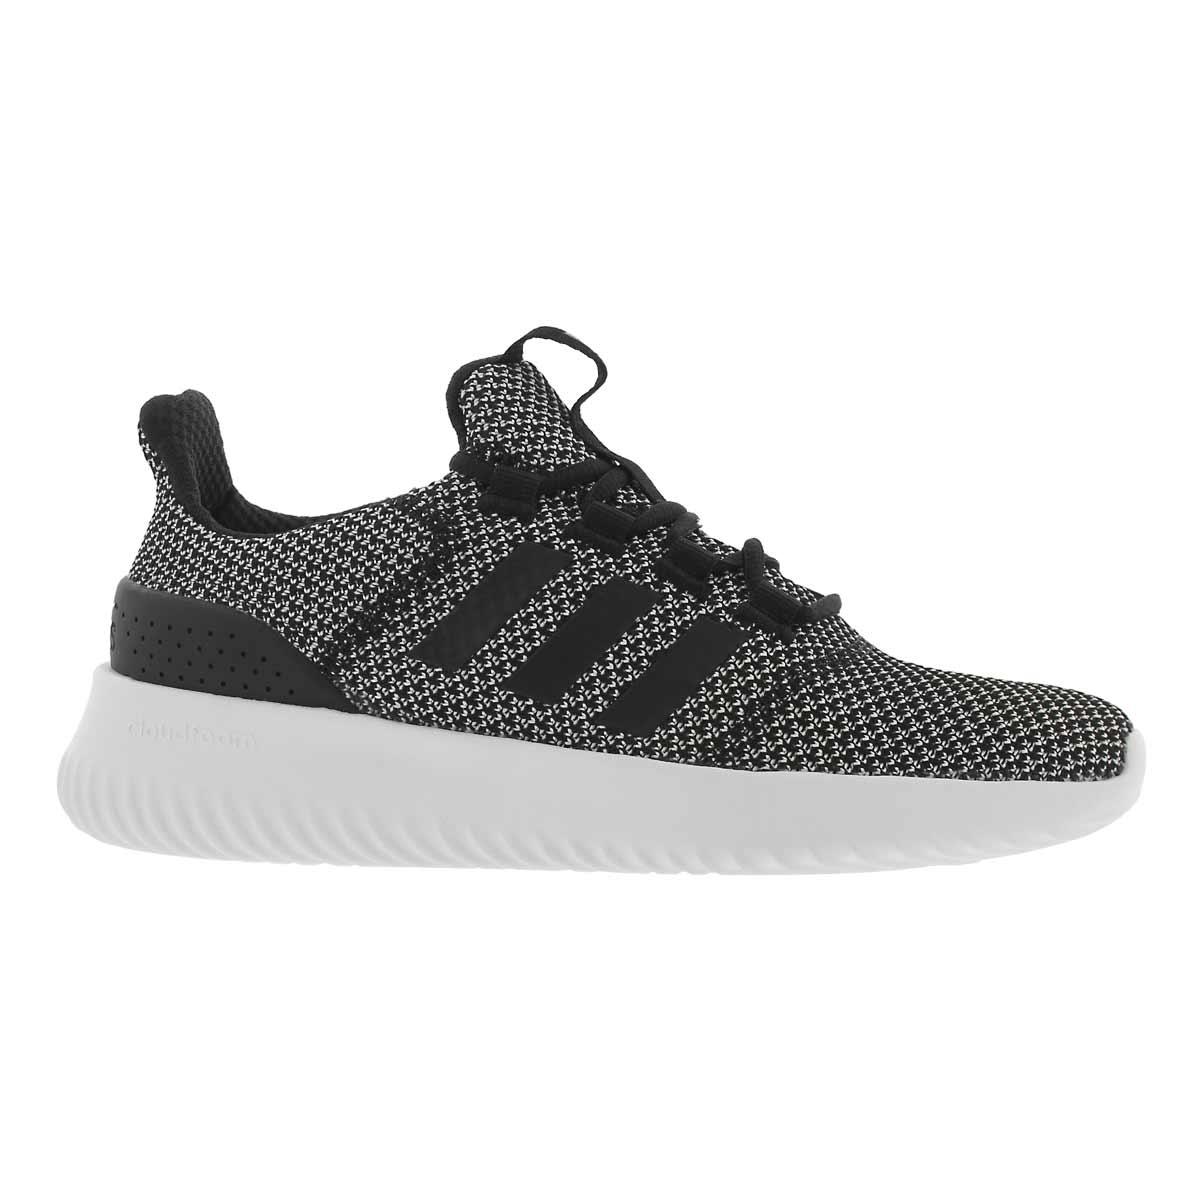 Adidas-Women-039-s-Cloudfoam-Ultimate-Running-Shoe